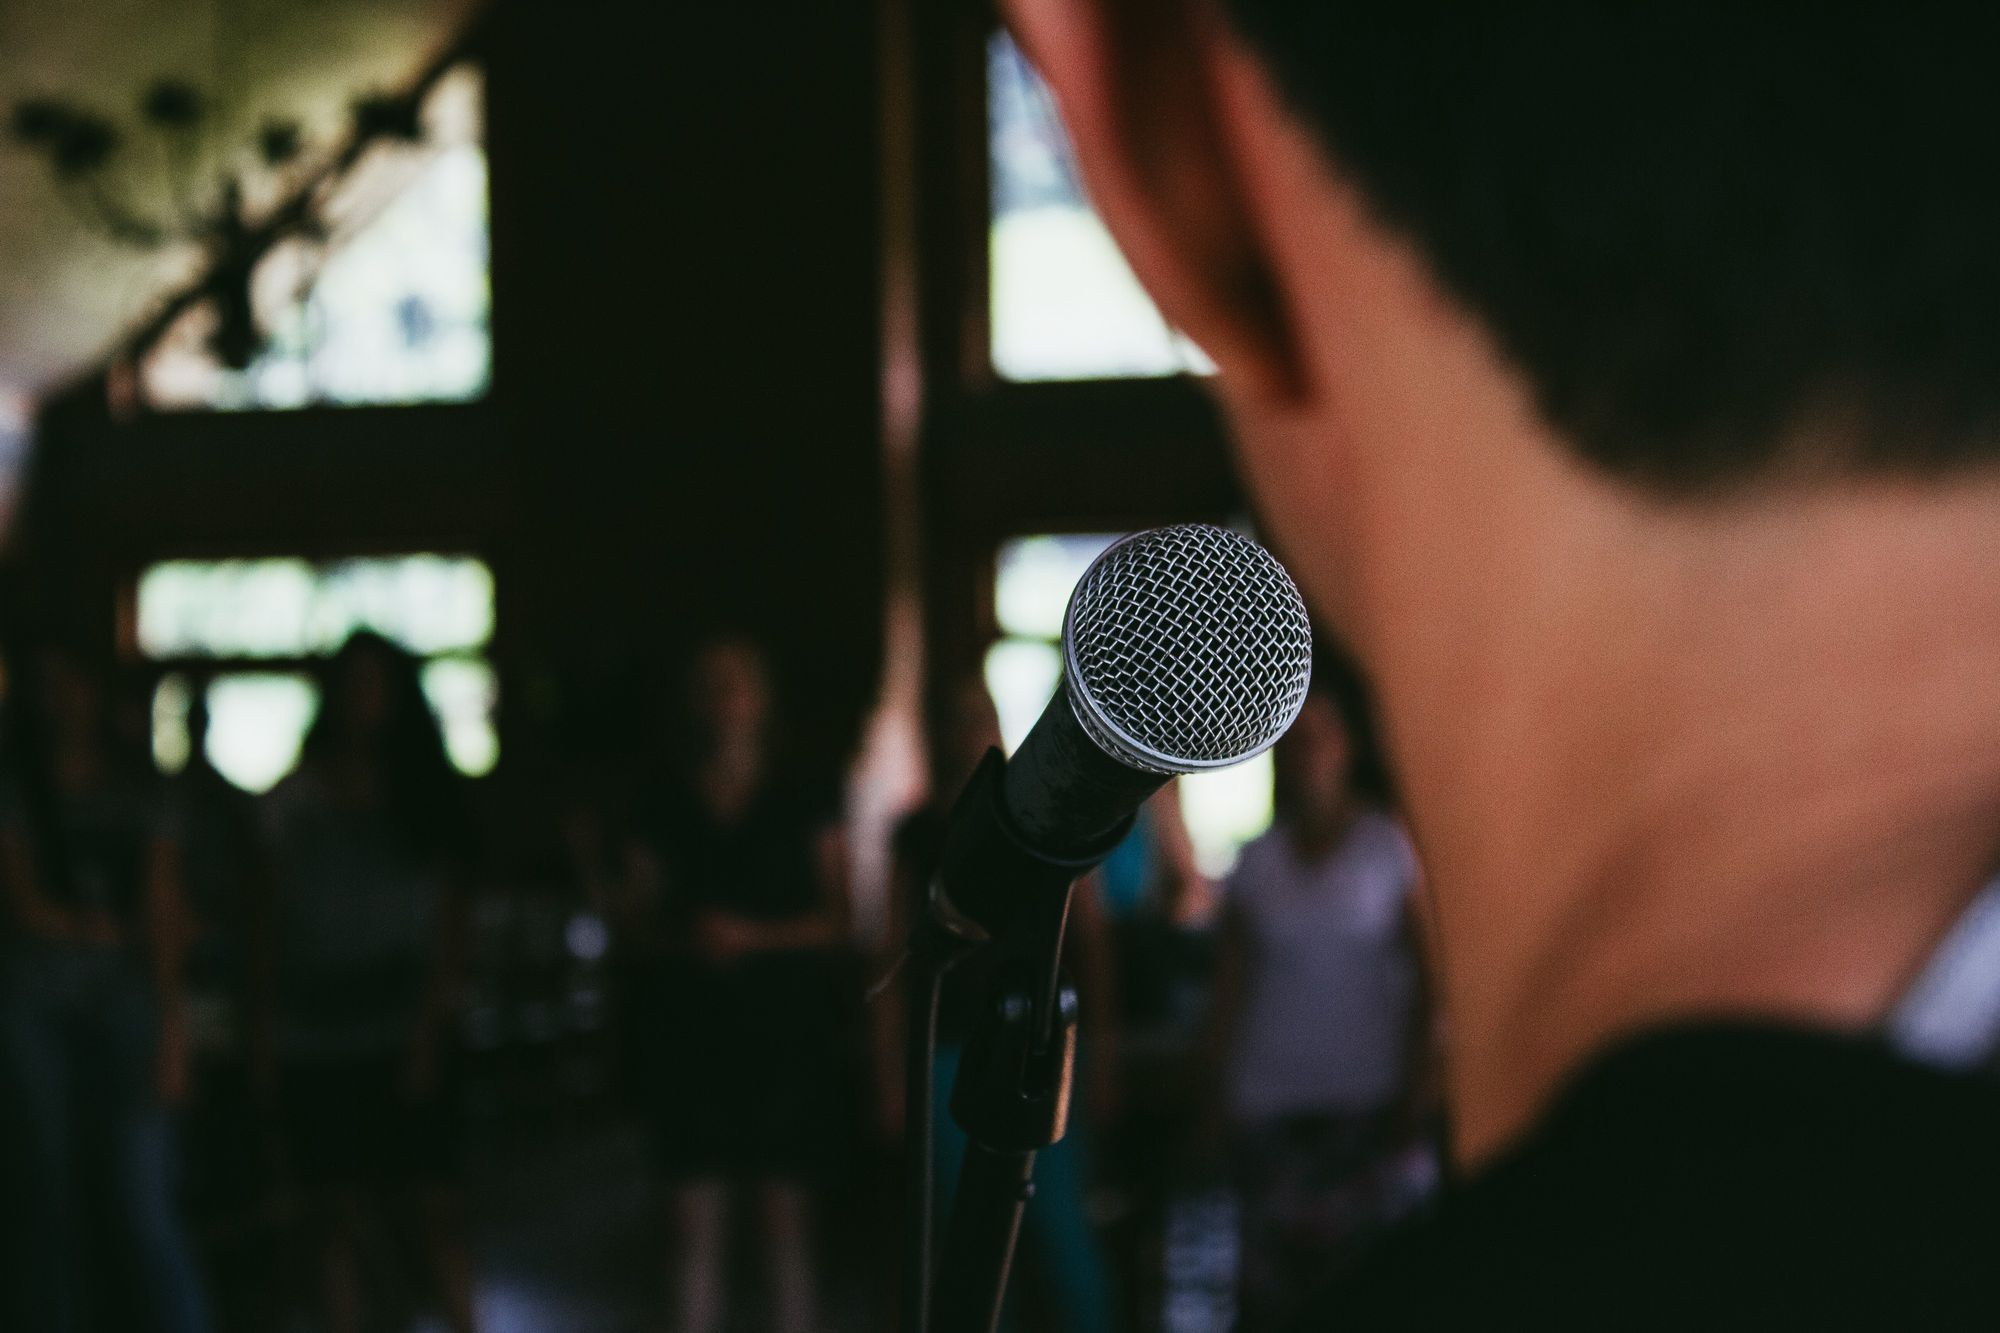 Image of speaker behind microphone